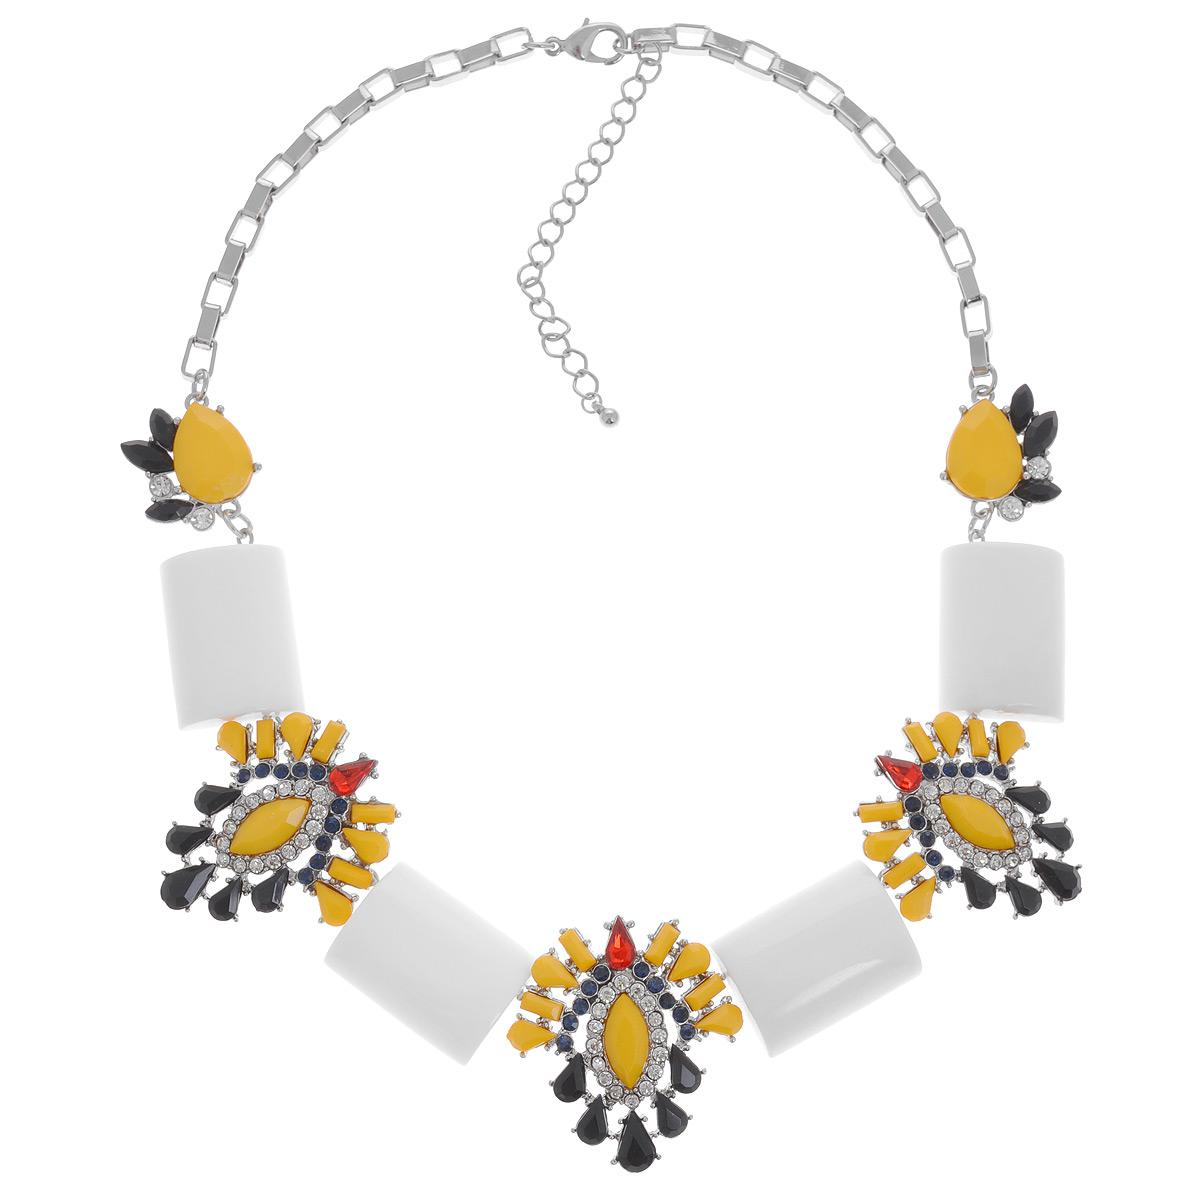 Колье Avgad, цвет: белый, желтый, черный. H-477S82720089920Оригинальное колье Avgad выполнено в виде девяти оригинальных элементов из ювелирного сплава, соединенных между собой, и дополненных оригинальной цепочкой. Три центральных фигурных элемента колье оформлены в едином стиле и дополнены разноцветными камнями из стекла и акрила. Колье застегивается на практичный замок-карабин, длина изделия регулируется за счет дополнительных звеньев в цепочке. Такое колье позволит вам с легкостью воплотить самую смелую фантазию и создать собственный, неповторимый образ.